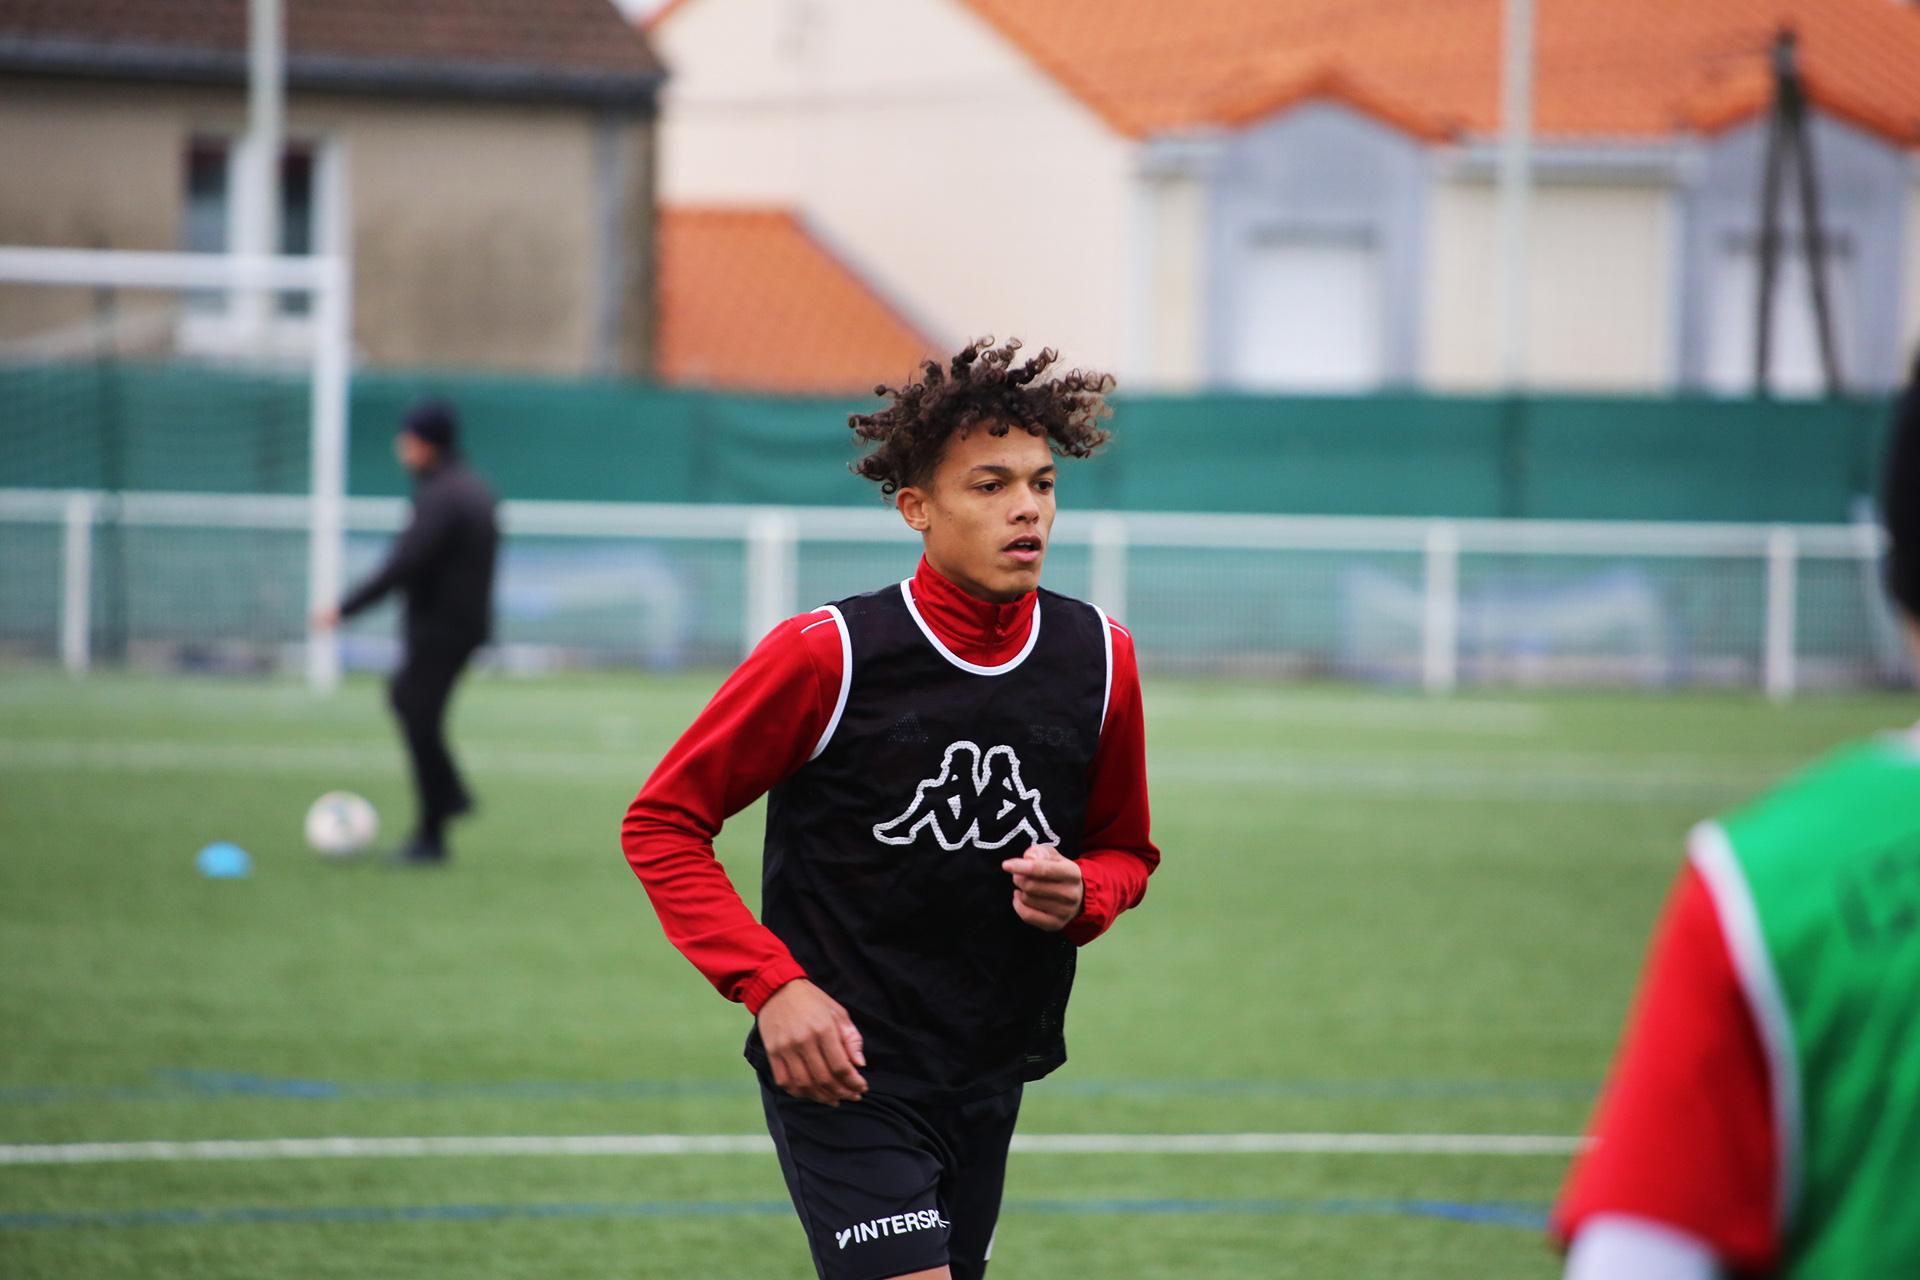 Nicolasxcillon